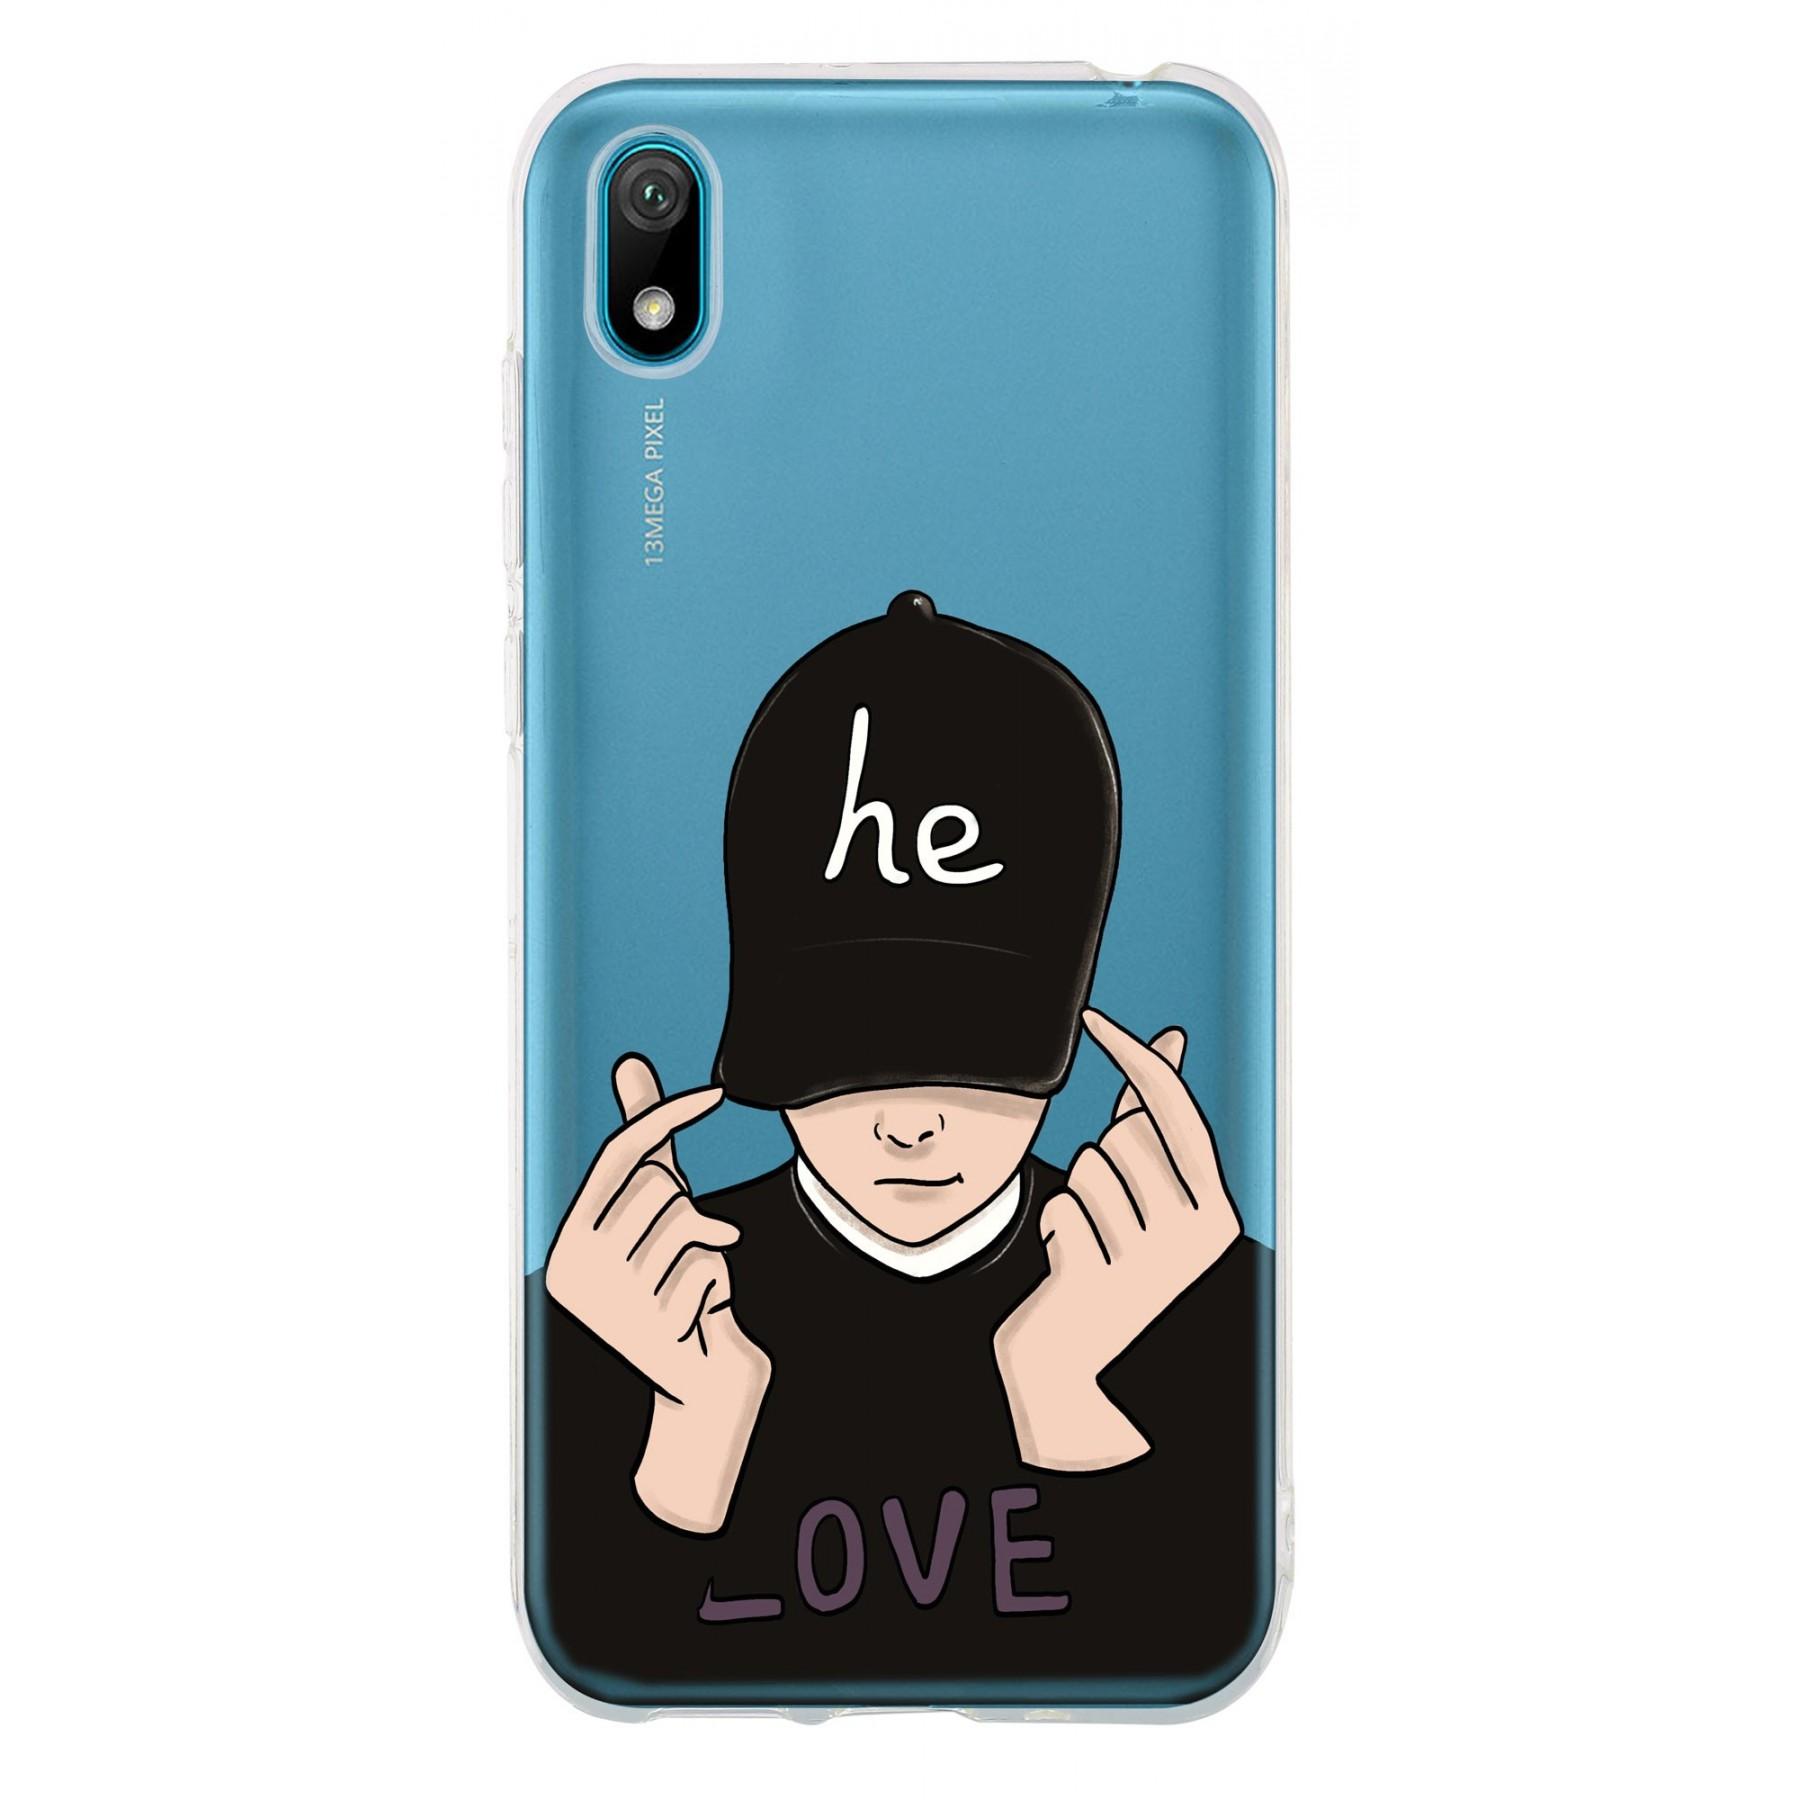 Coque boy casquette personnalisable pour Huawei Y5 2019